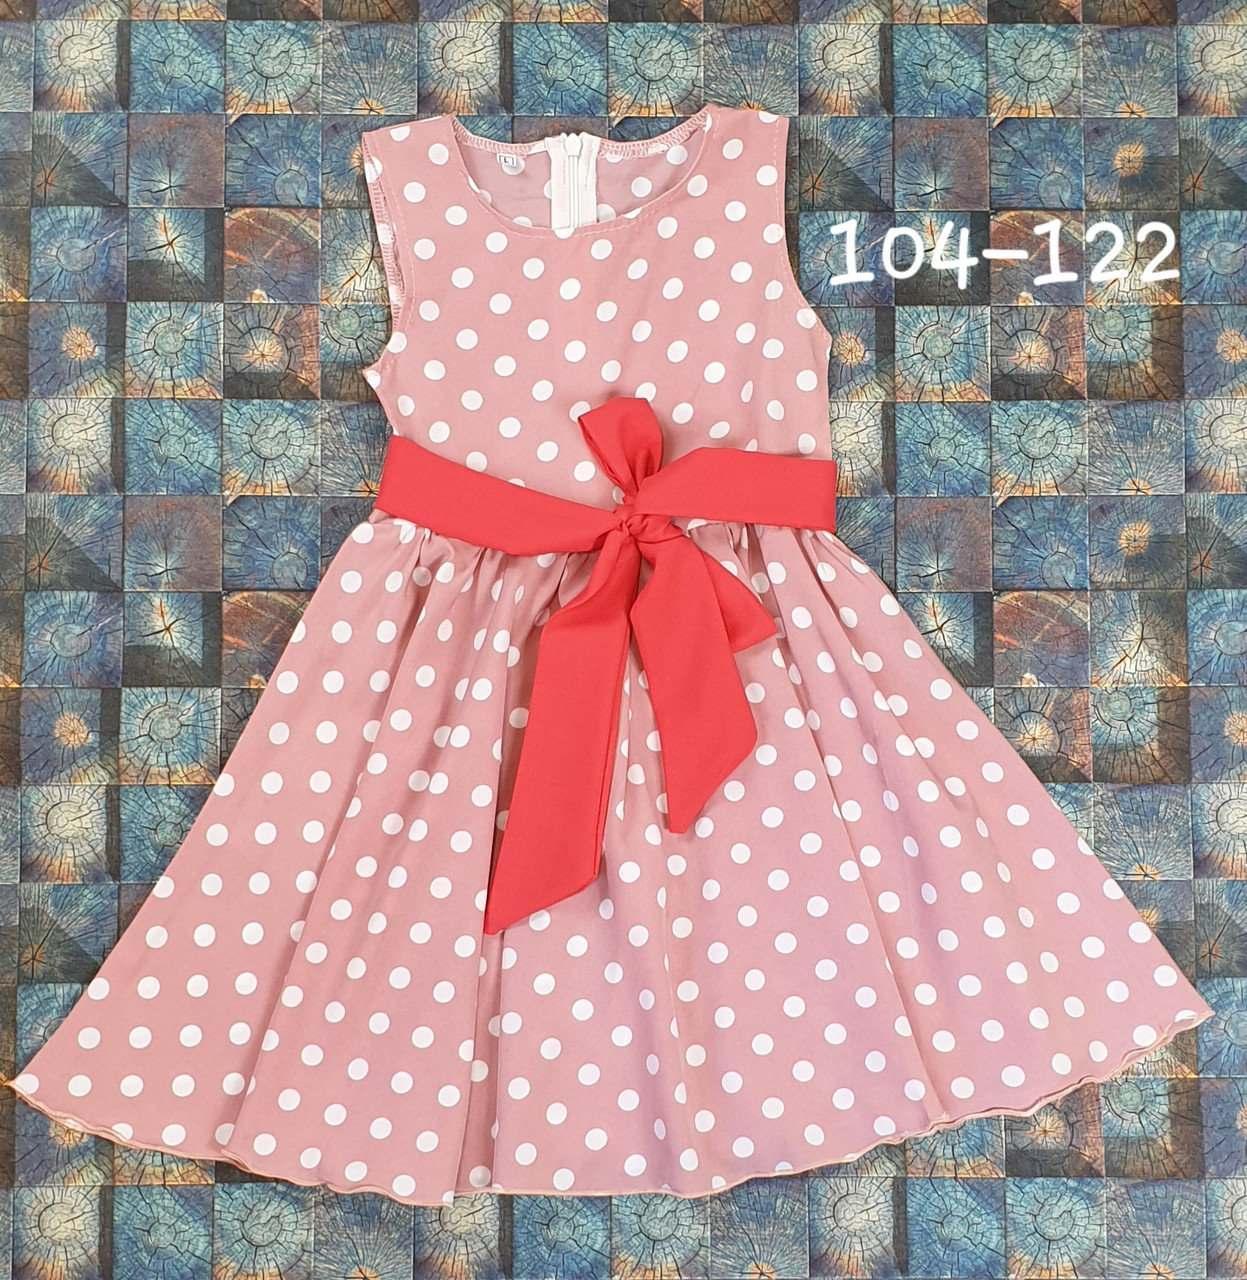 Платье для девочки в горошек пудра р. 104-122